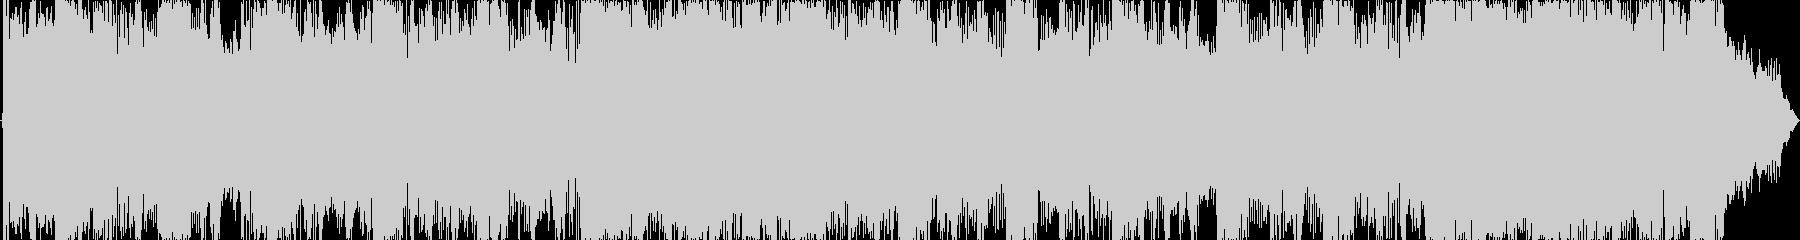 15秒ジャストの明るいロックサウンドの未再生の波形